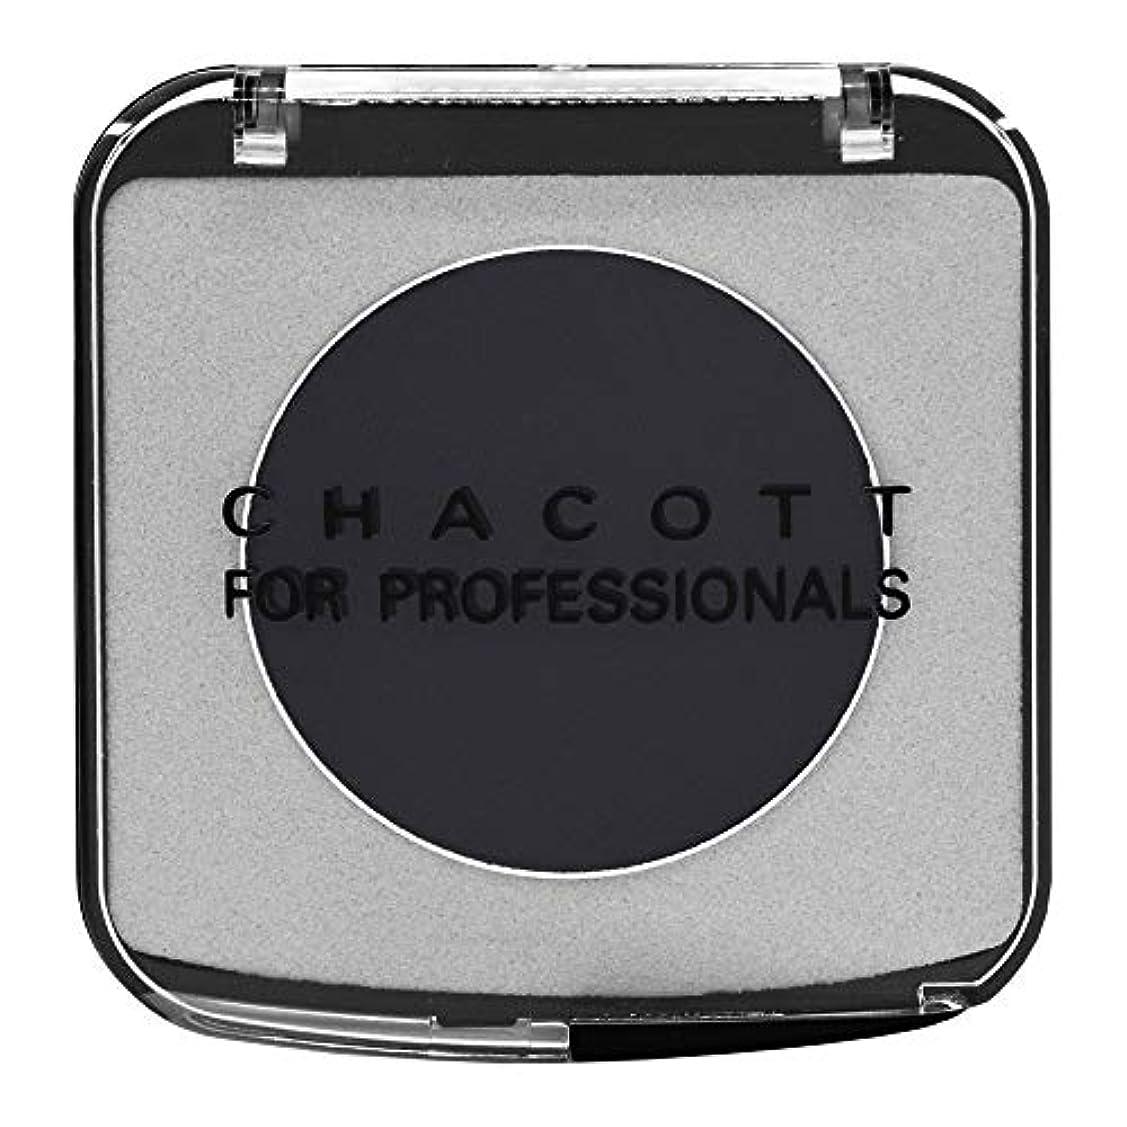 ご注意表面写真を描くCHACOTT<チャコット> カラーバリエーション 628.ブラック